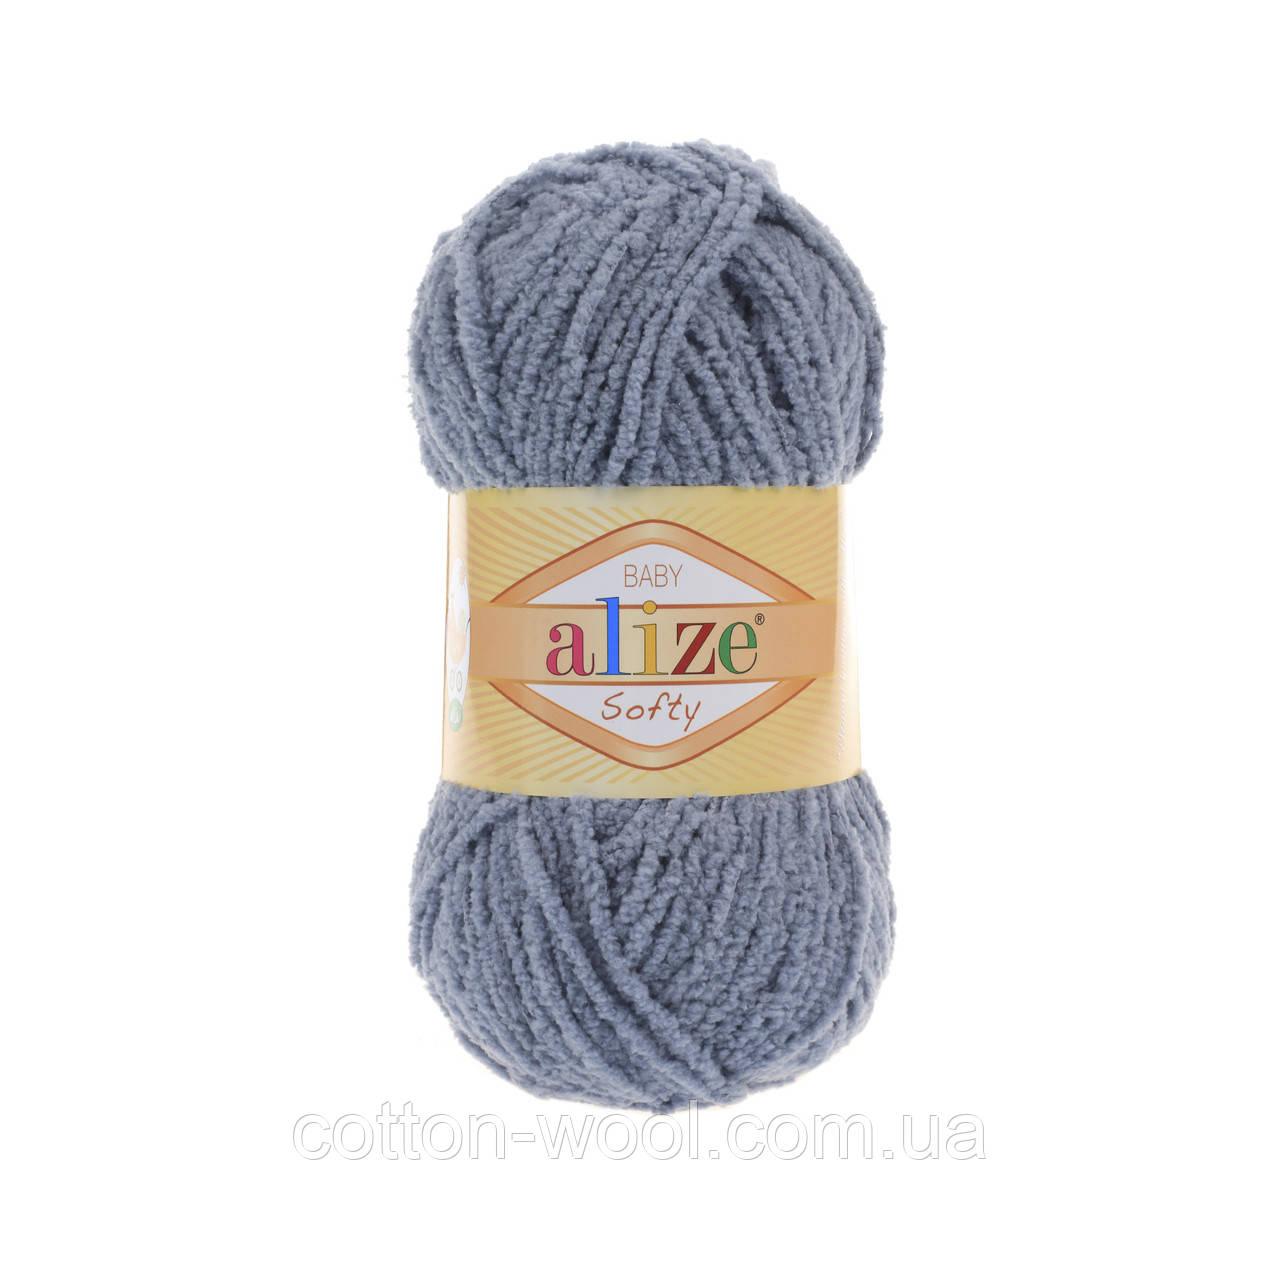 Alize Softy (Ализе Софти) 119 плюшевая пряжа